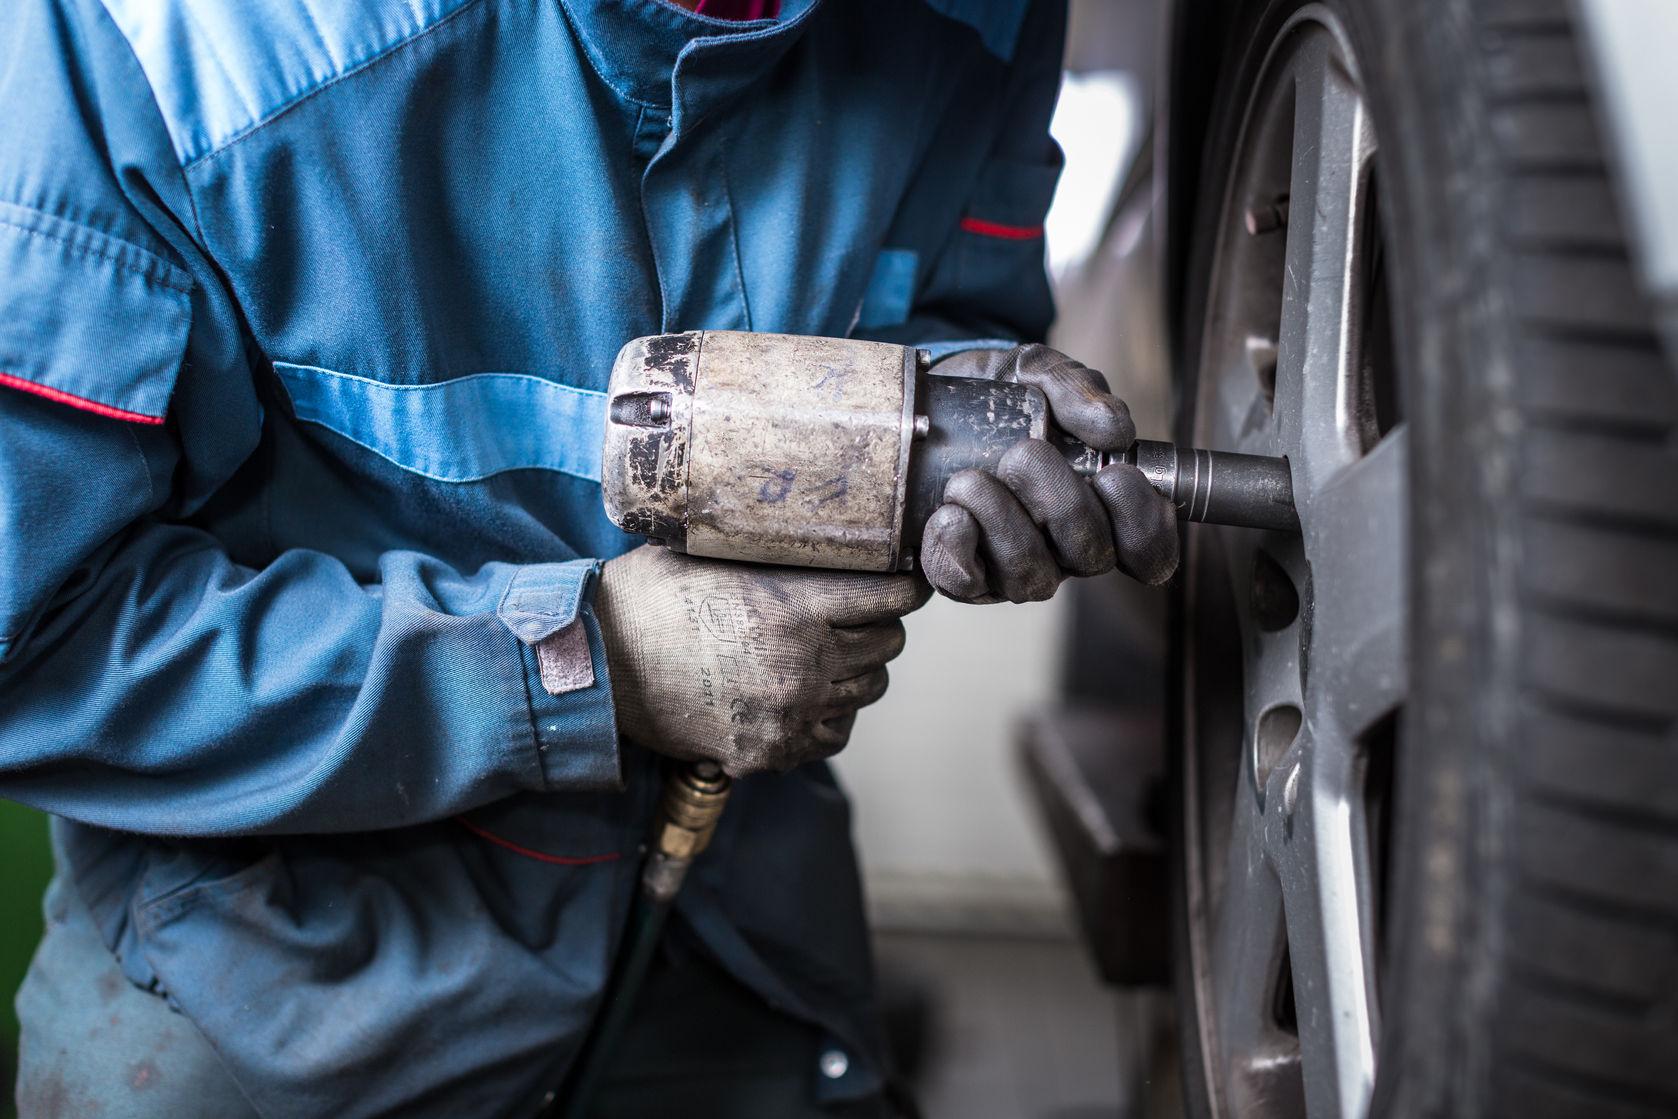 Tire Repair, New and Used Tires in Chicago - MilitosAutoRepair.com